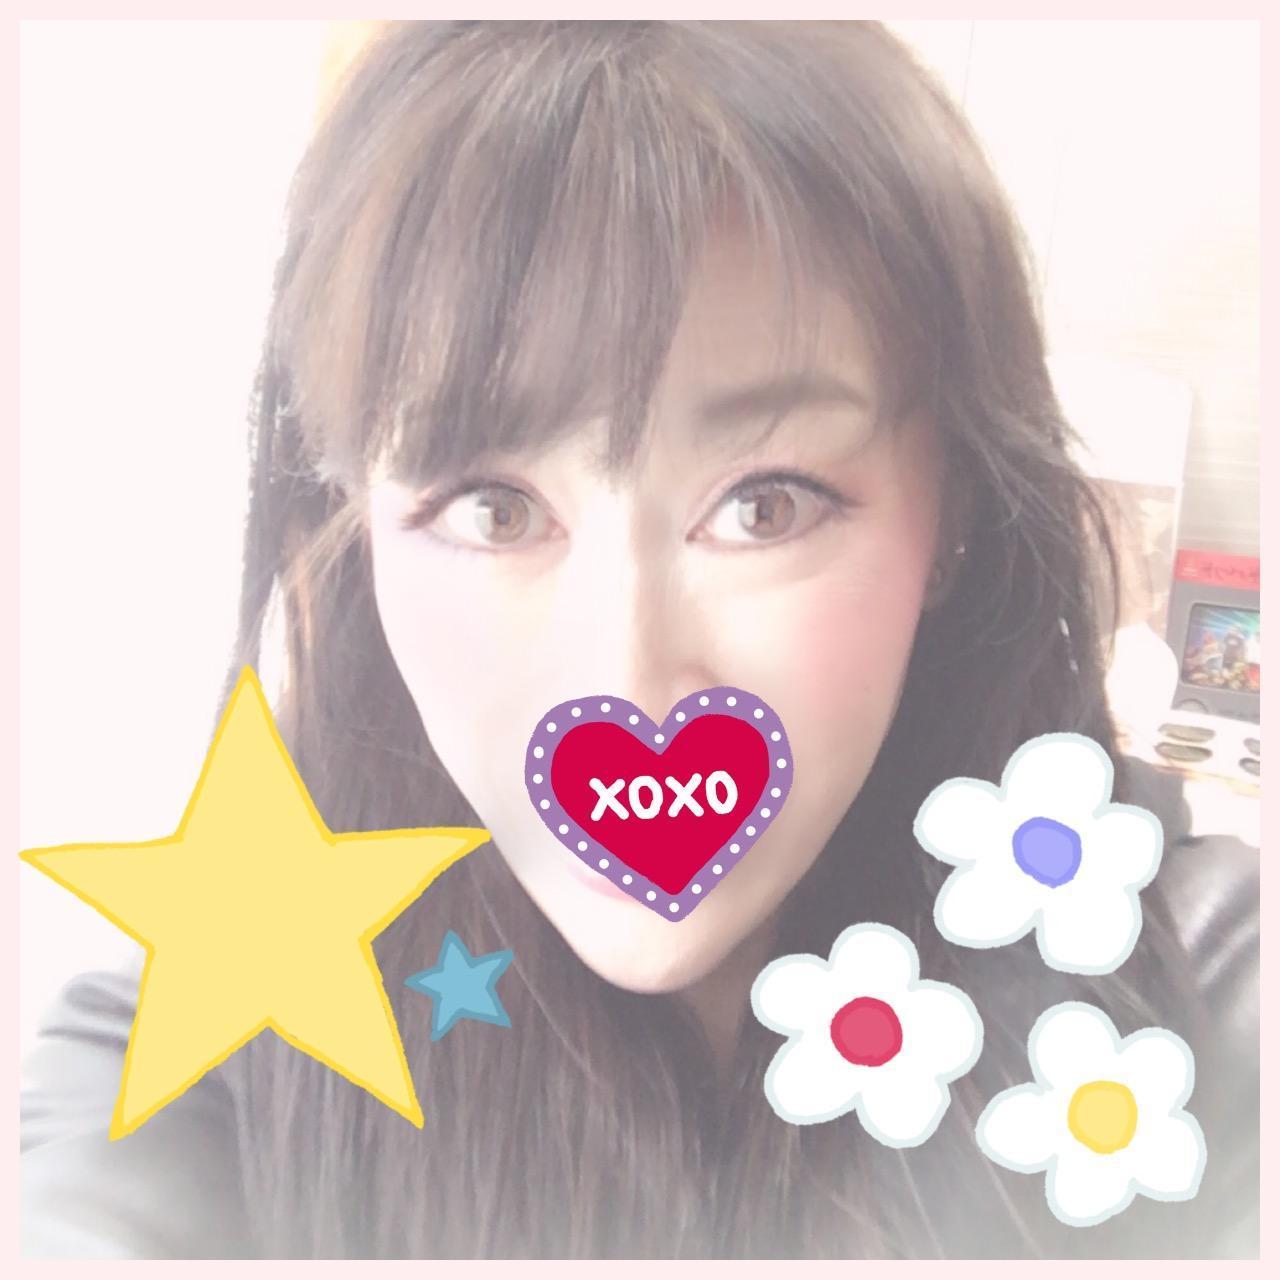 「春はまだかなぁー!」02/22(02/22) 10:59   ほたるの写メ・風俗動画